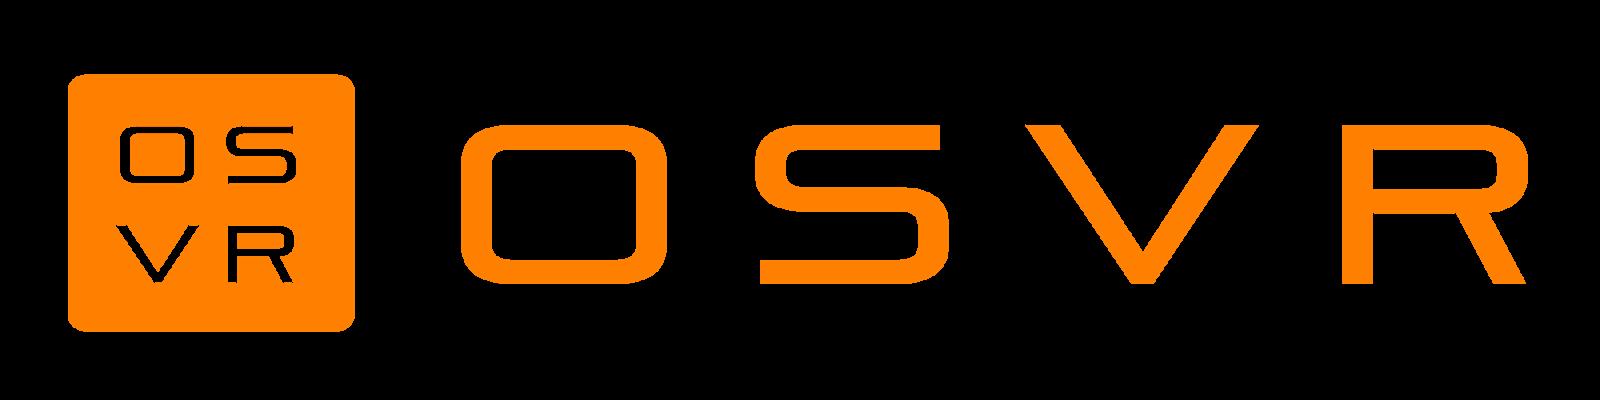 Osvr-sponsor